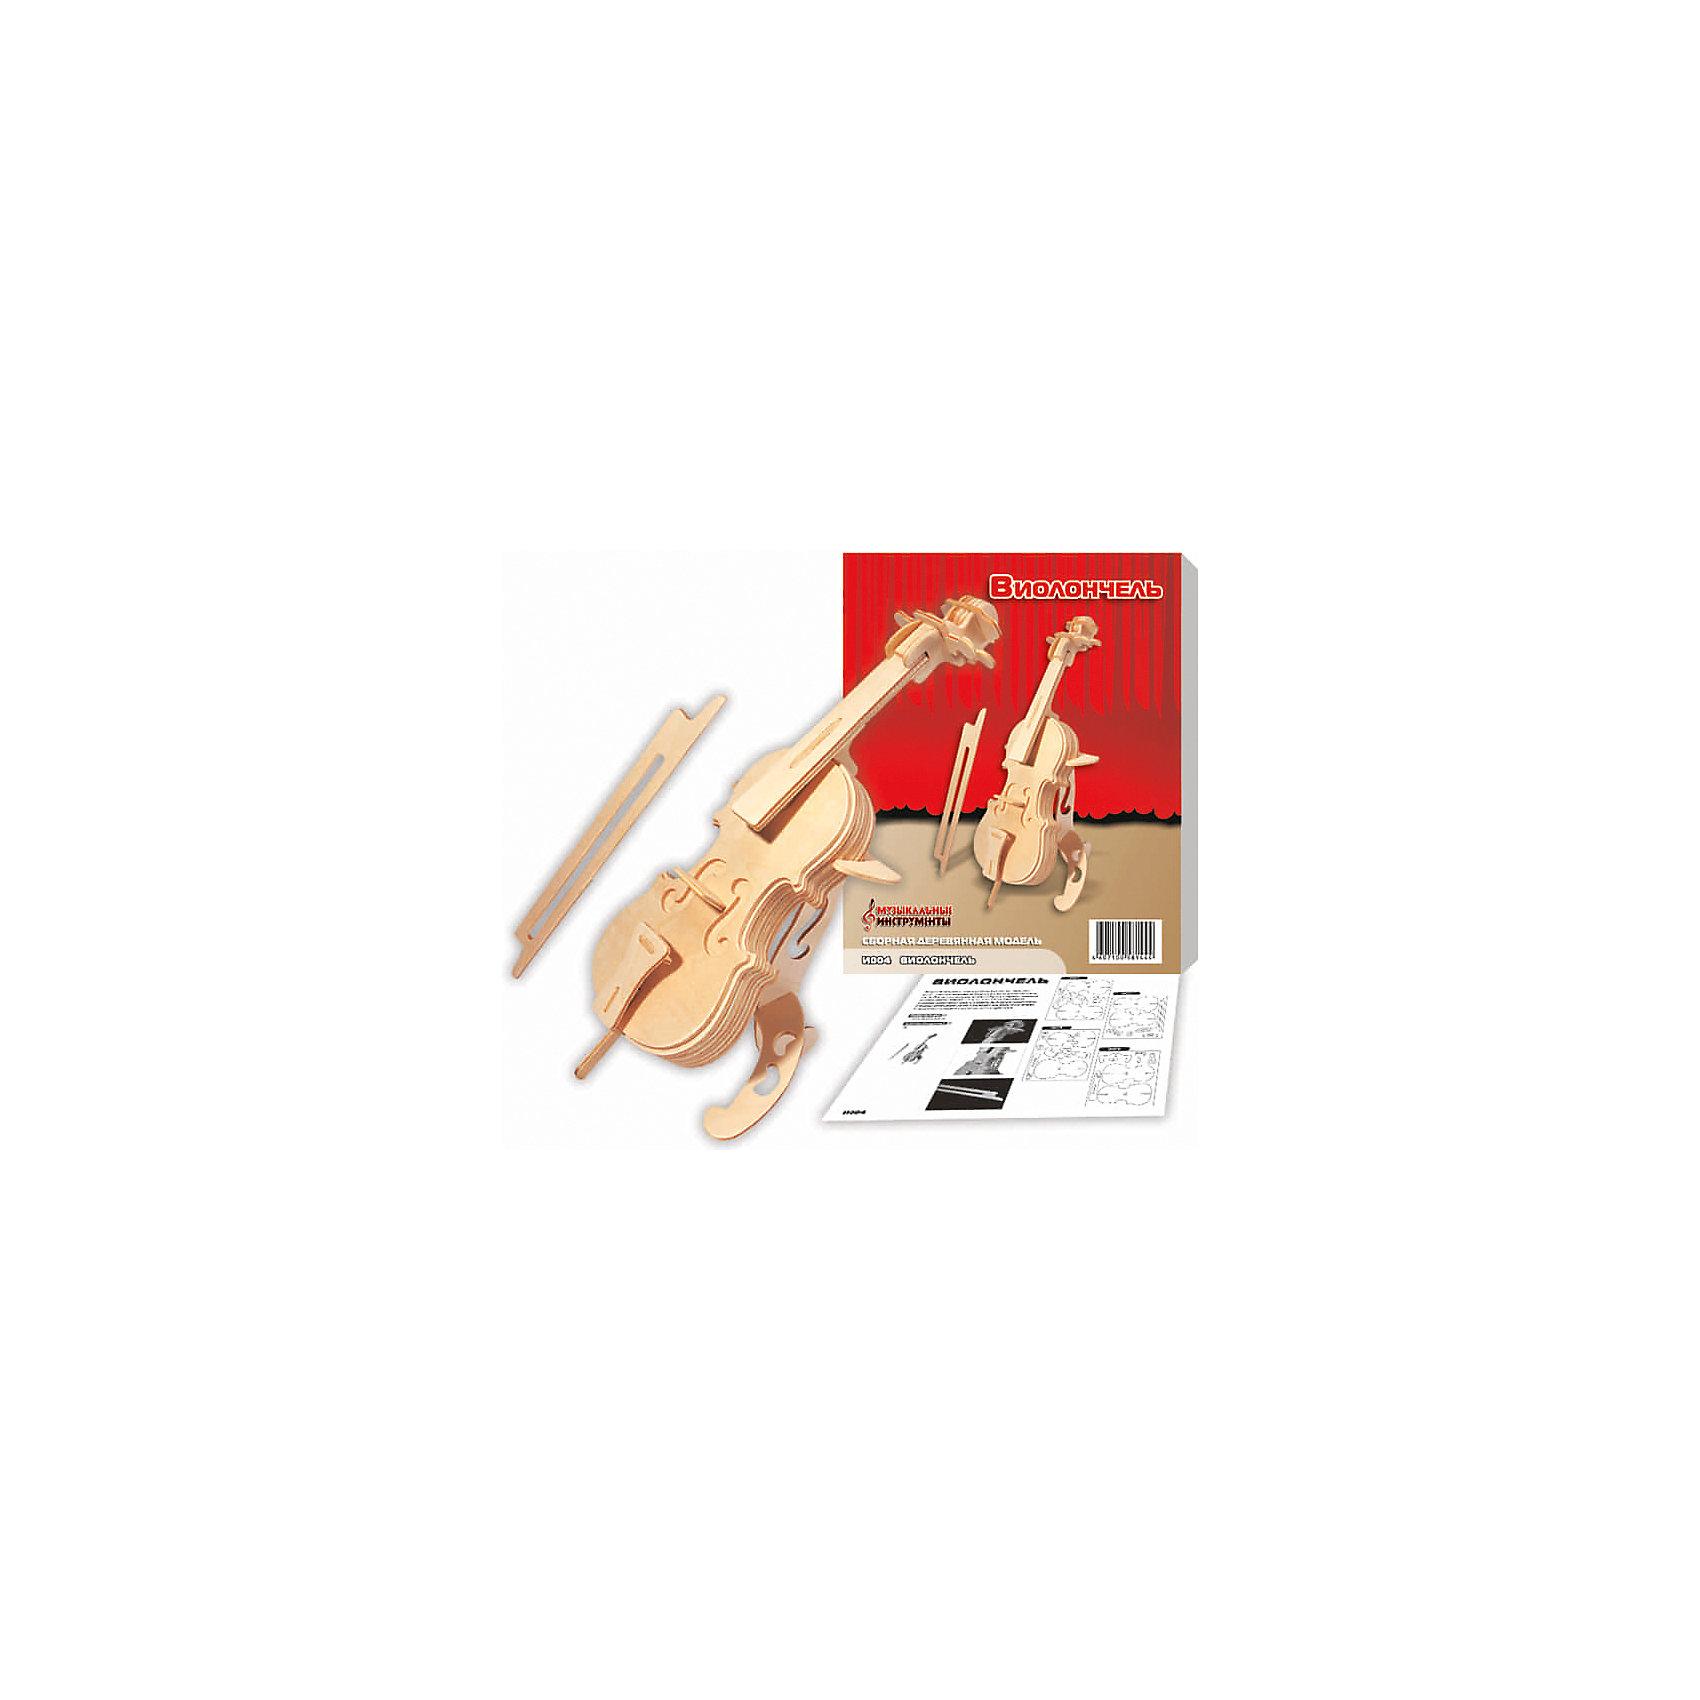 Виолончель, Мир деревянных игрушекДеревянные модели<br>Характеристики товара:<br><br>• размер упаковки: 18x3x23 см<br>• вес: 333 г<br>• материал: дерево<br>• для сборки<br>• возраст: от пяти лет<br>• упаковка: картонная коробка<br>• страна бренда: РФ<br>• страна изготовитель: Китай<br><br>Такой набор станет отличным подарком ребенку - ведь с помощью него можно собрать виолончель, так похожую на настоящую! В набор входят детали и инструкция по сборке. Это отличный способ занять ребенка!<br>Создание чего-либо своими руками помогает детям развивать важные навыки и способности, оно активизирует мышление, формирует усидчивость, логику, мелкую моторику и воображение. Изделие производится из качественных и проверенных материалов, которые безопасны для детей.<br><br>Виолончель от бренда Мир деревянных игрушек можно купить в нашем интернет-магазине.<br><br>Ширина мм: 185<br>Глубина мм: 30<br>Высота мм: 230<br>Вес г: 333<br>Возраст от месяцев: 36<br>Возраст до месяцев: 120<br>Пол: Унисекс<br>Возраст: Детский<br>SKU: 5171423